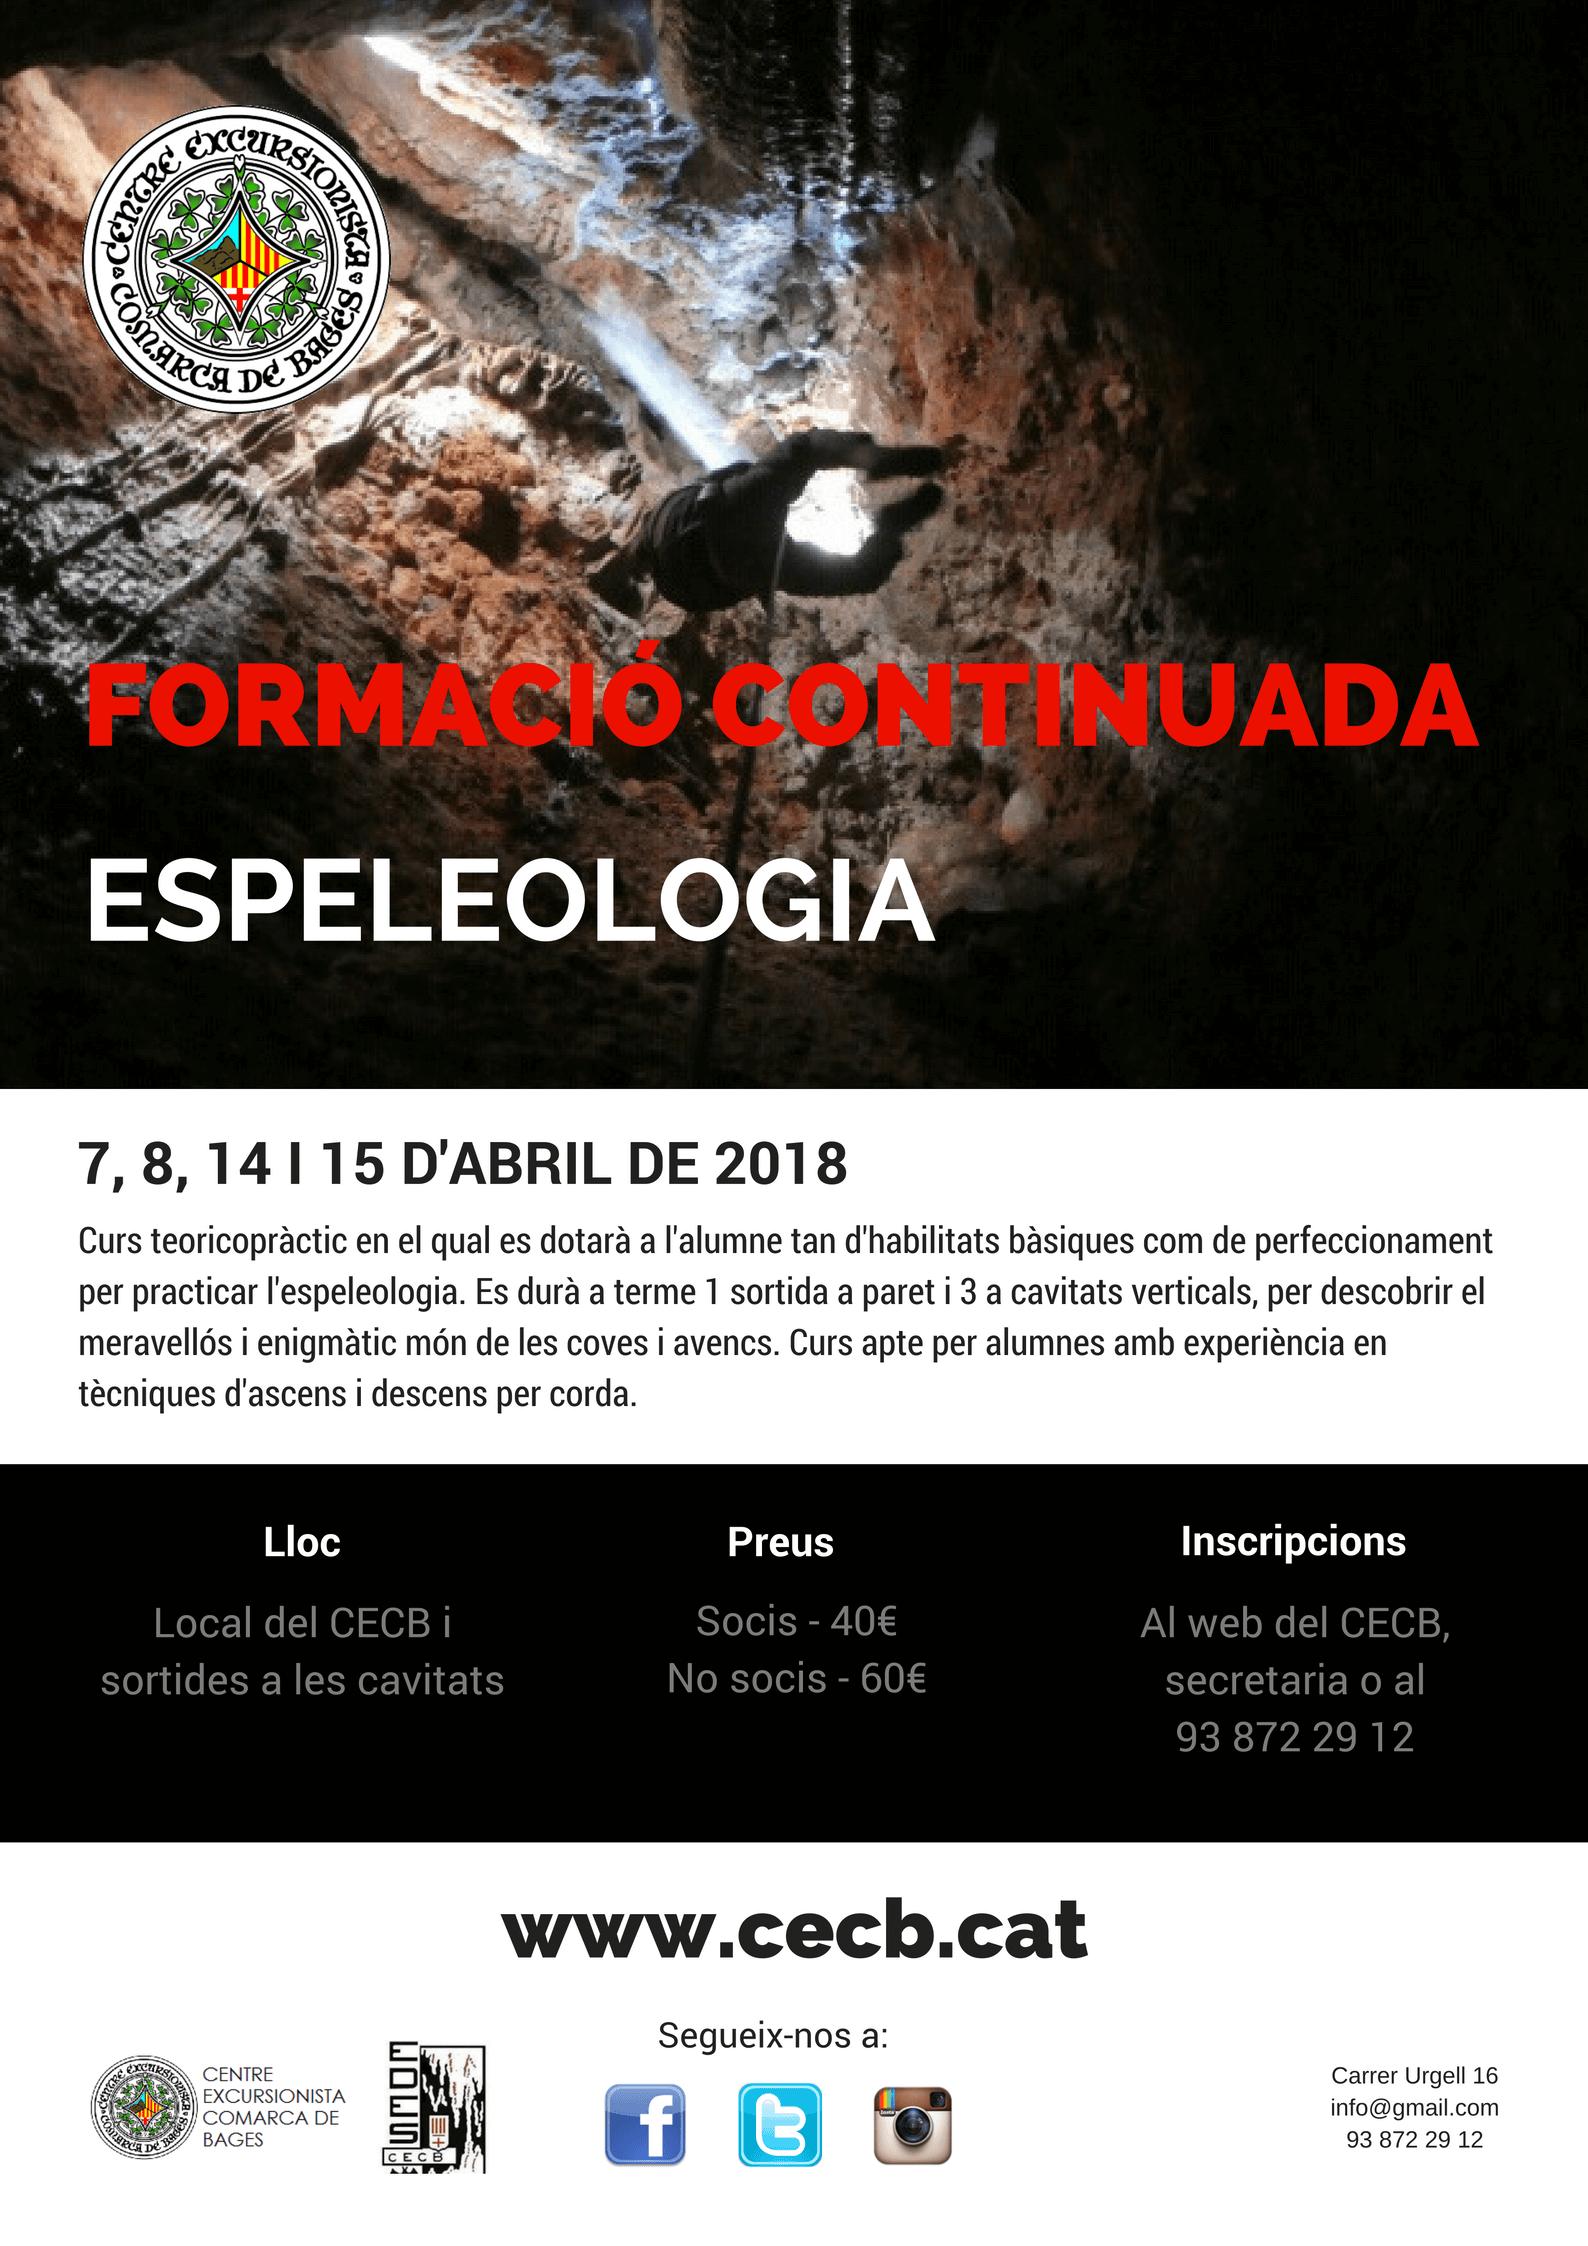 Formació continuada espeleologia